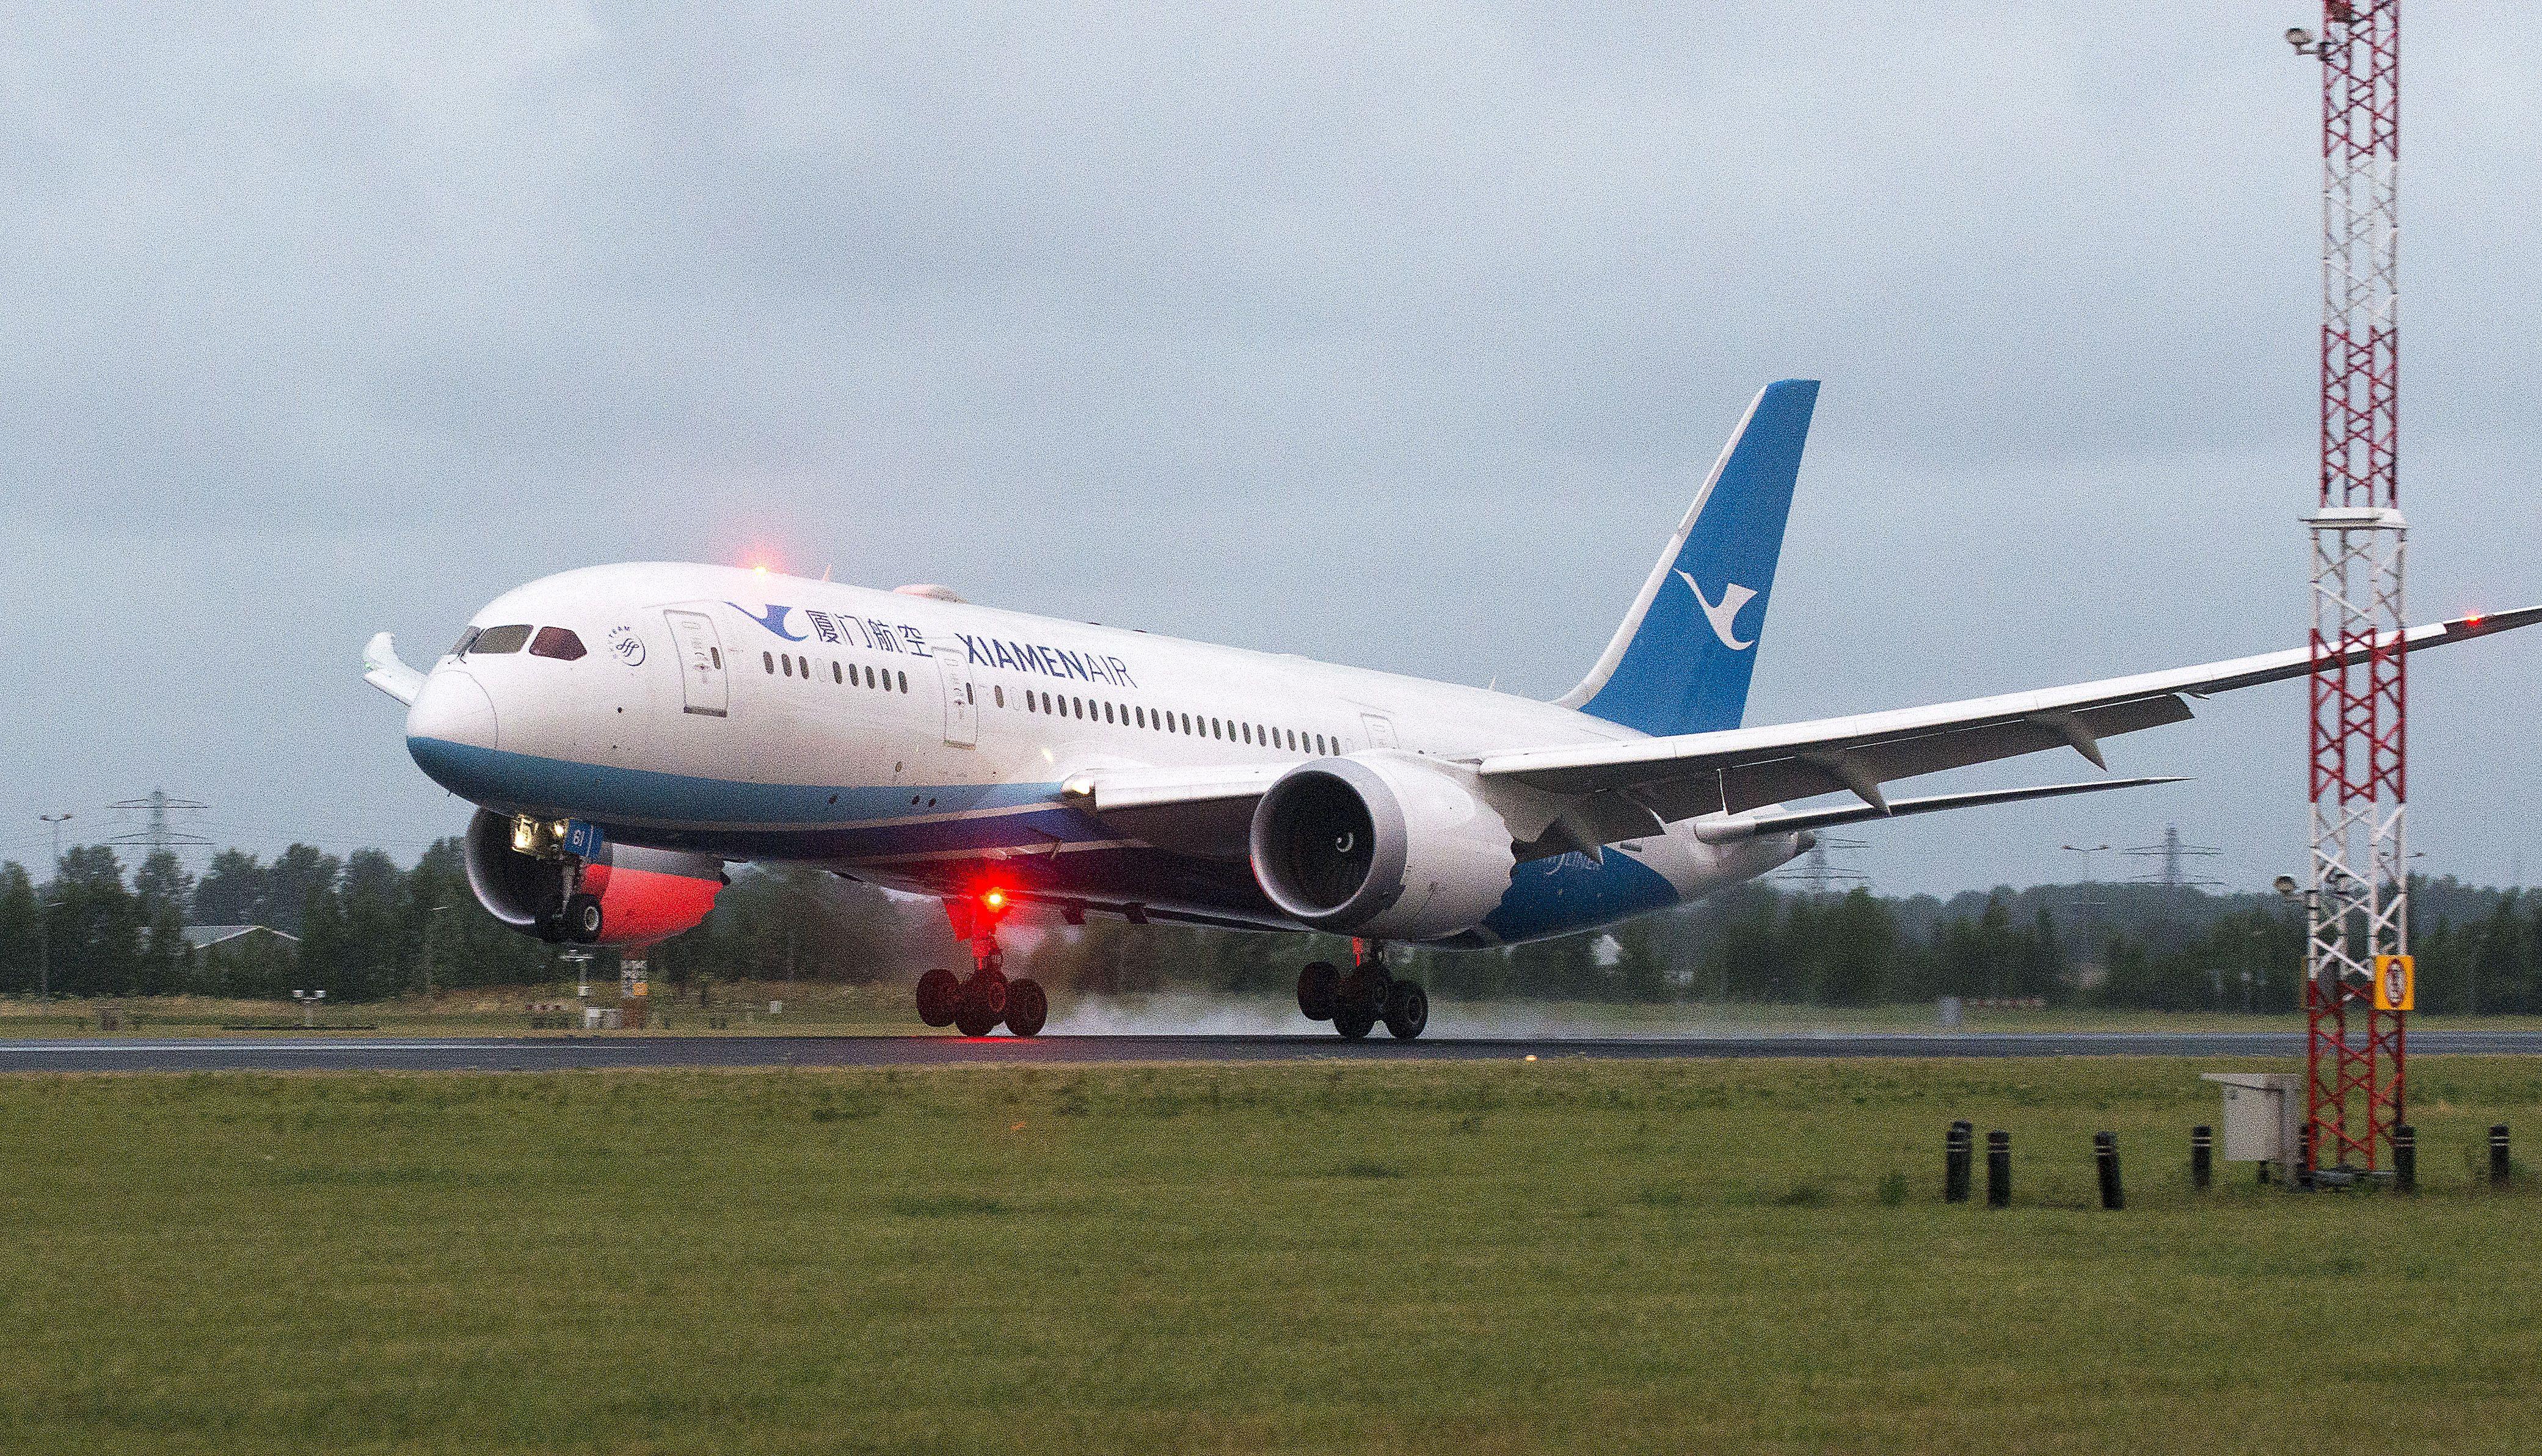 Xiamen Airlines first long haul flight arrives from Xiamen